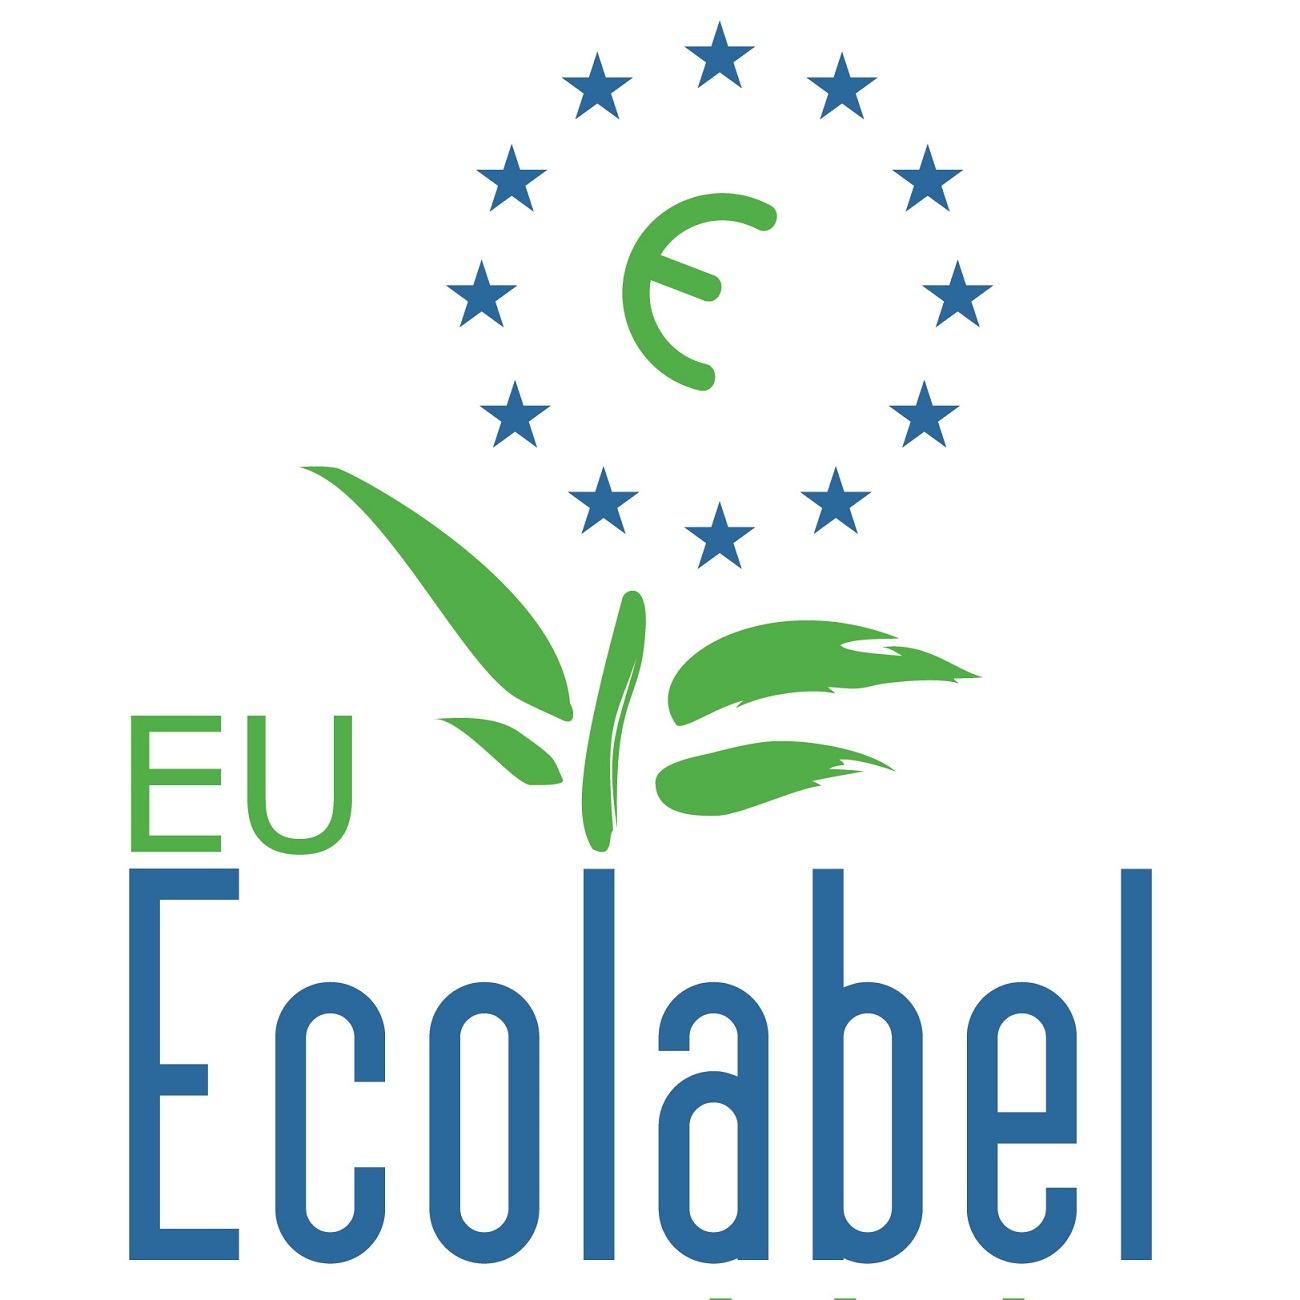 Etiqueta ecològica ecolabel